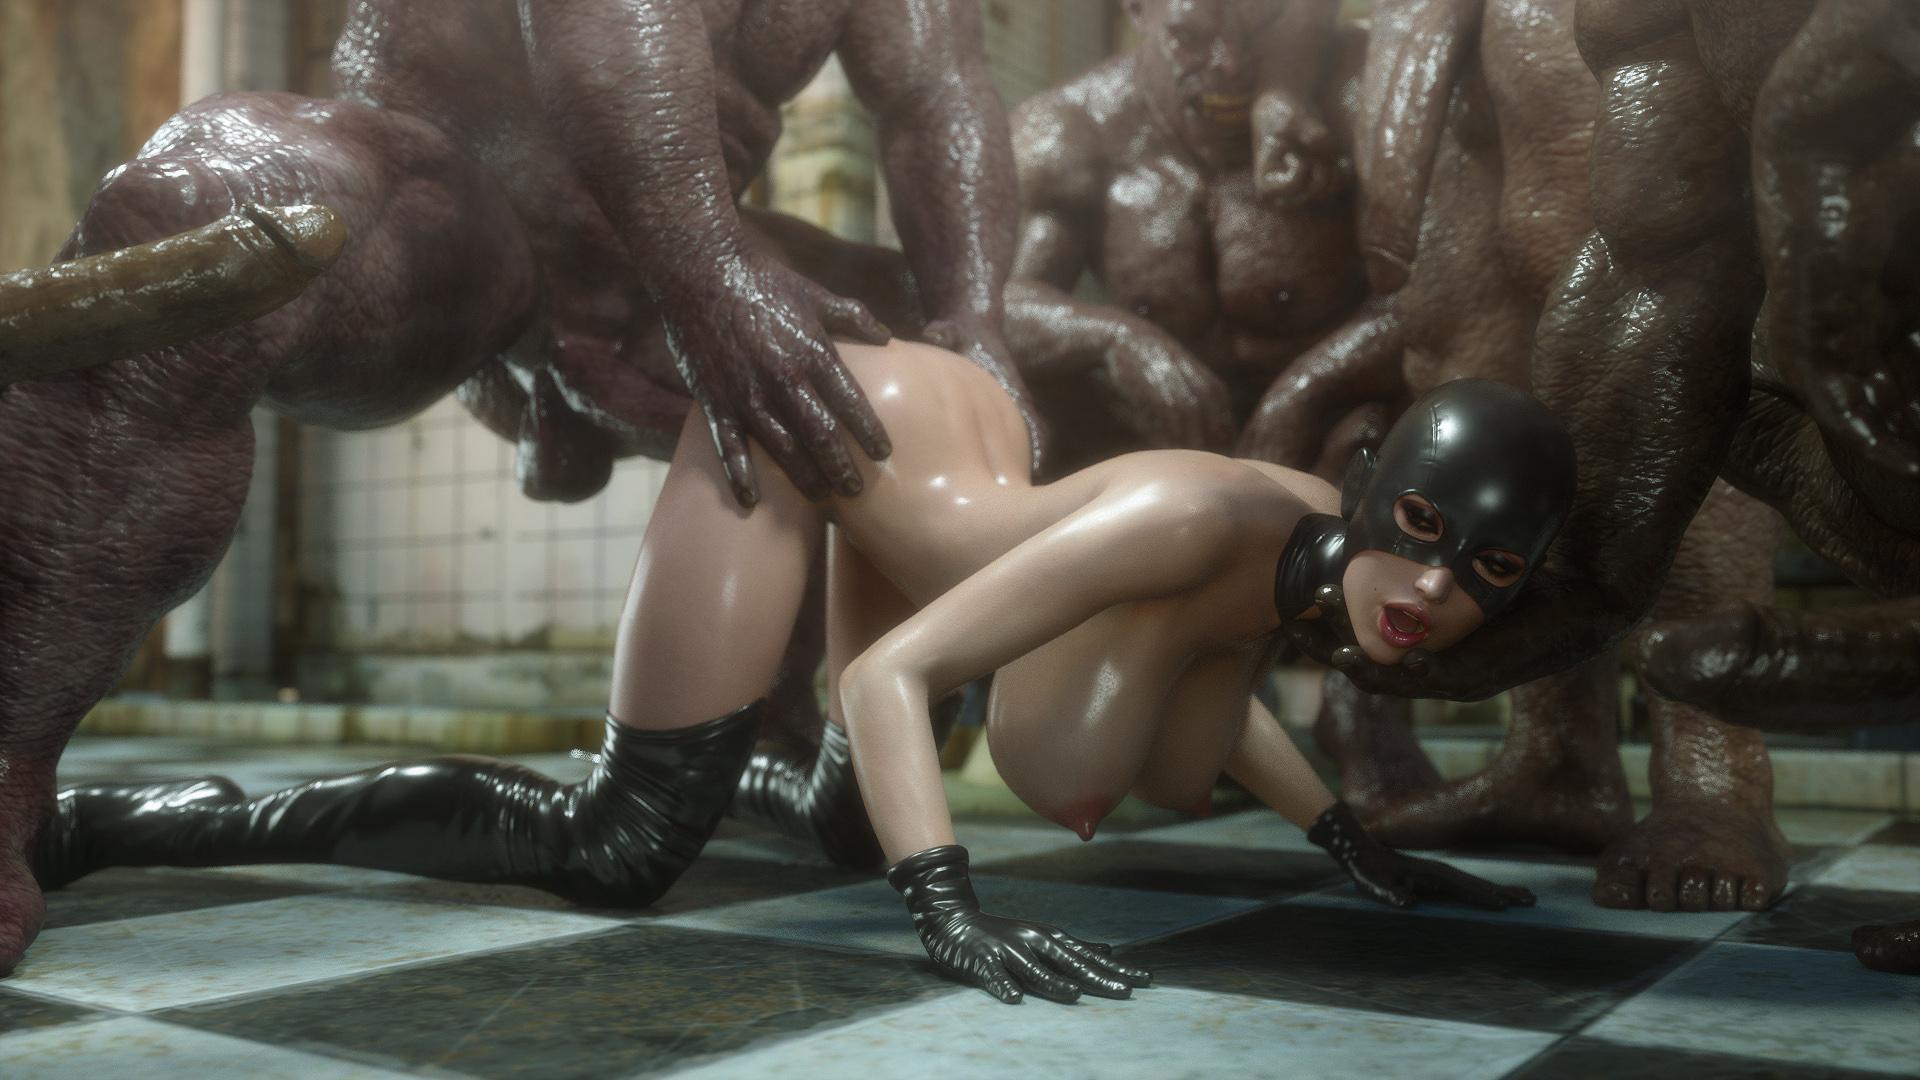 горячее порно члены мутанты часть 1